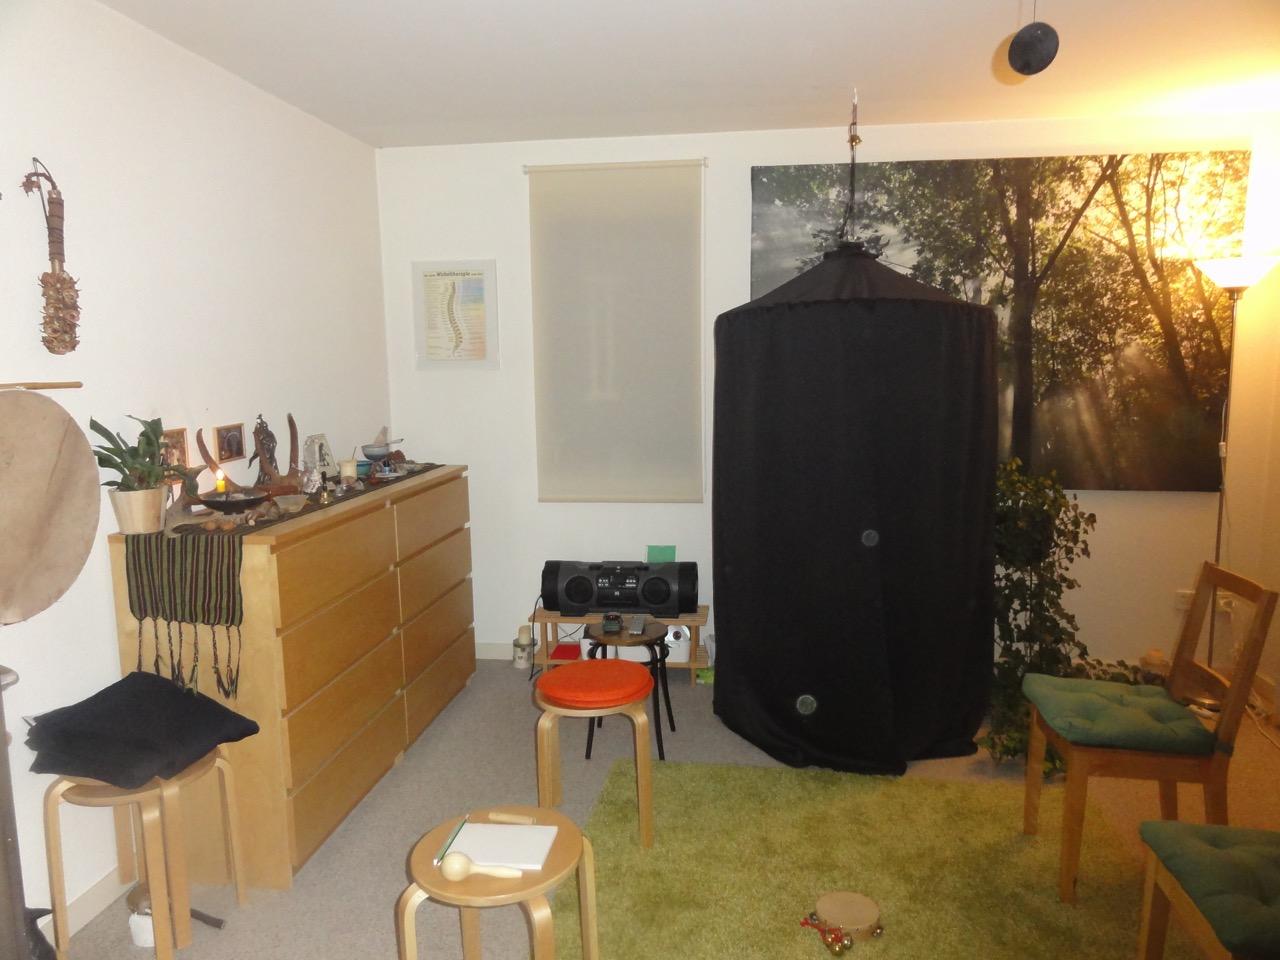 Séanceraum mit Kabinett und 'Spirit-Lichtlein' (Orbs) - 7